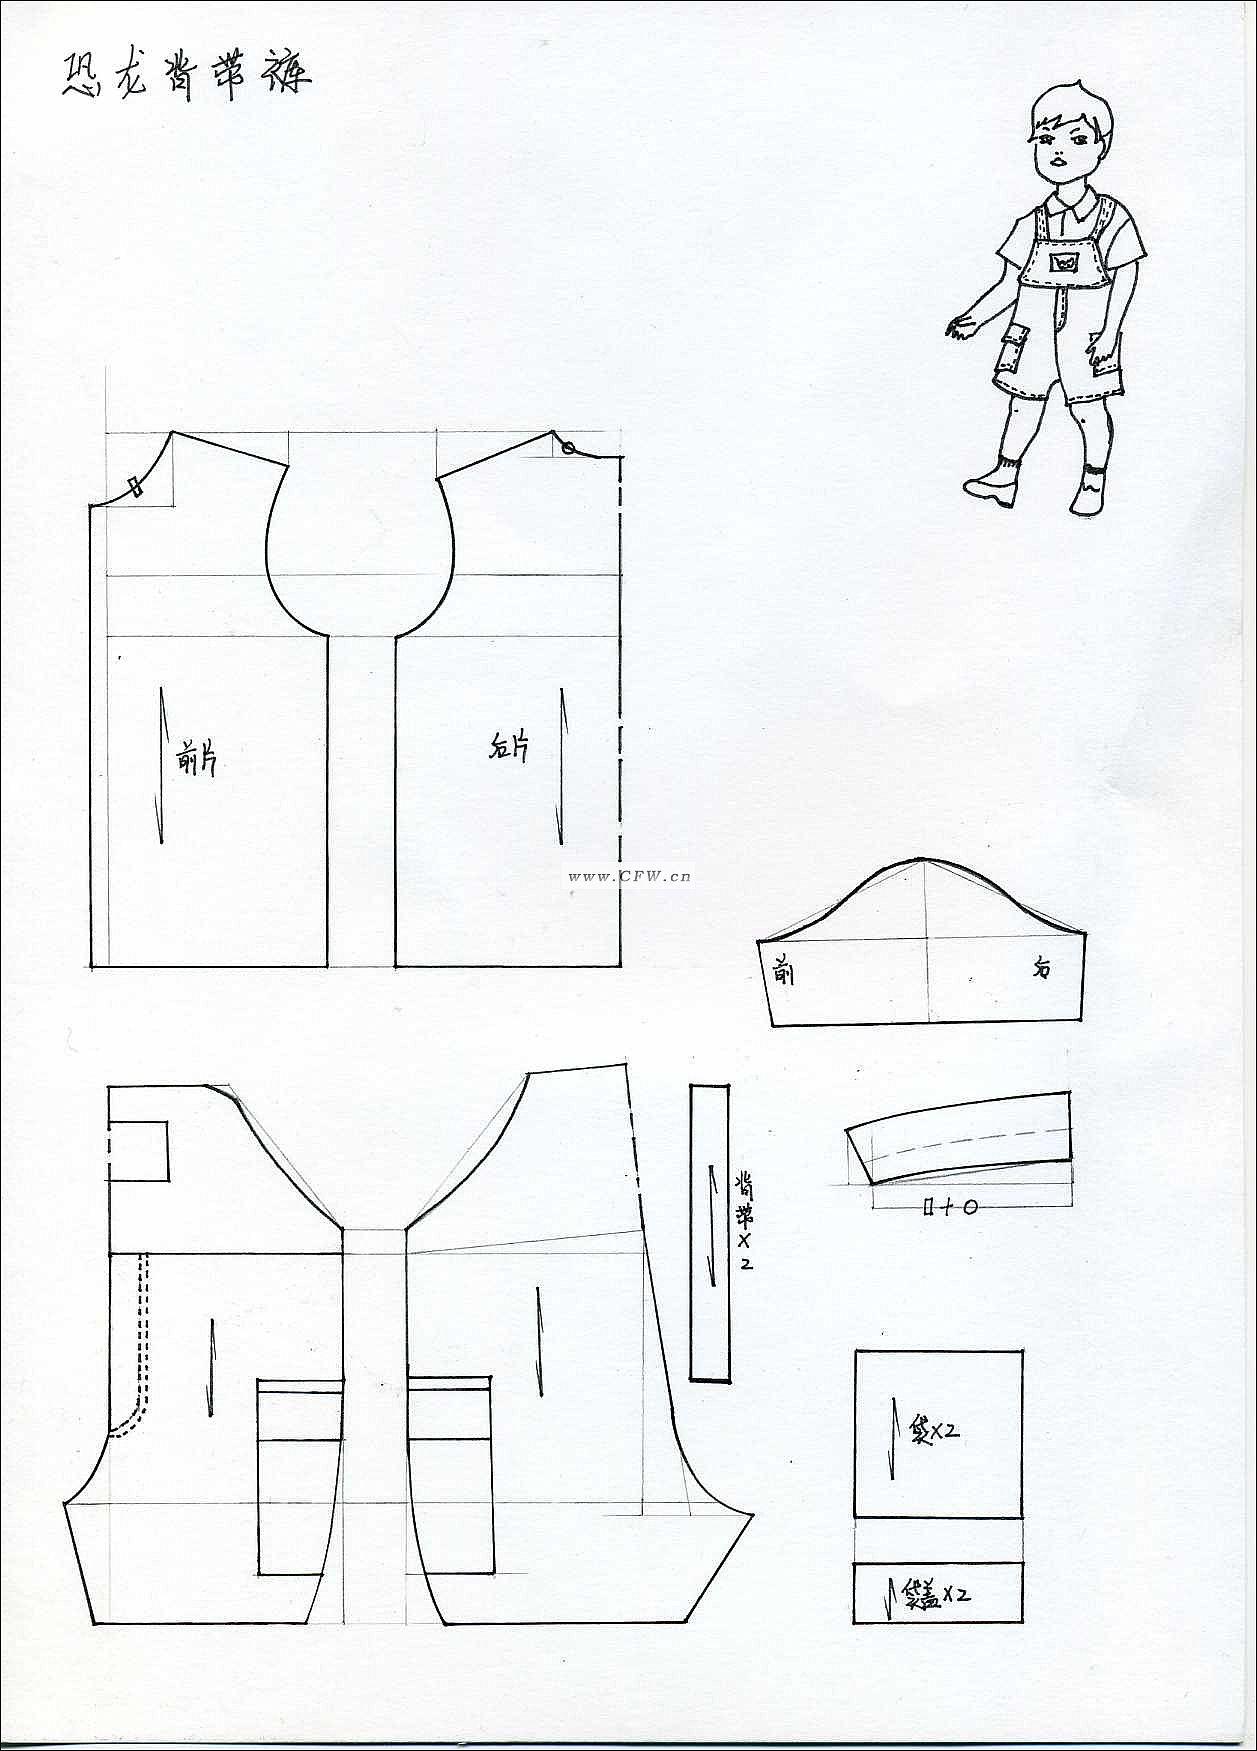 结构图-童装设计-服装设计